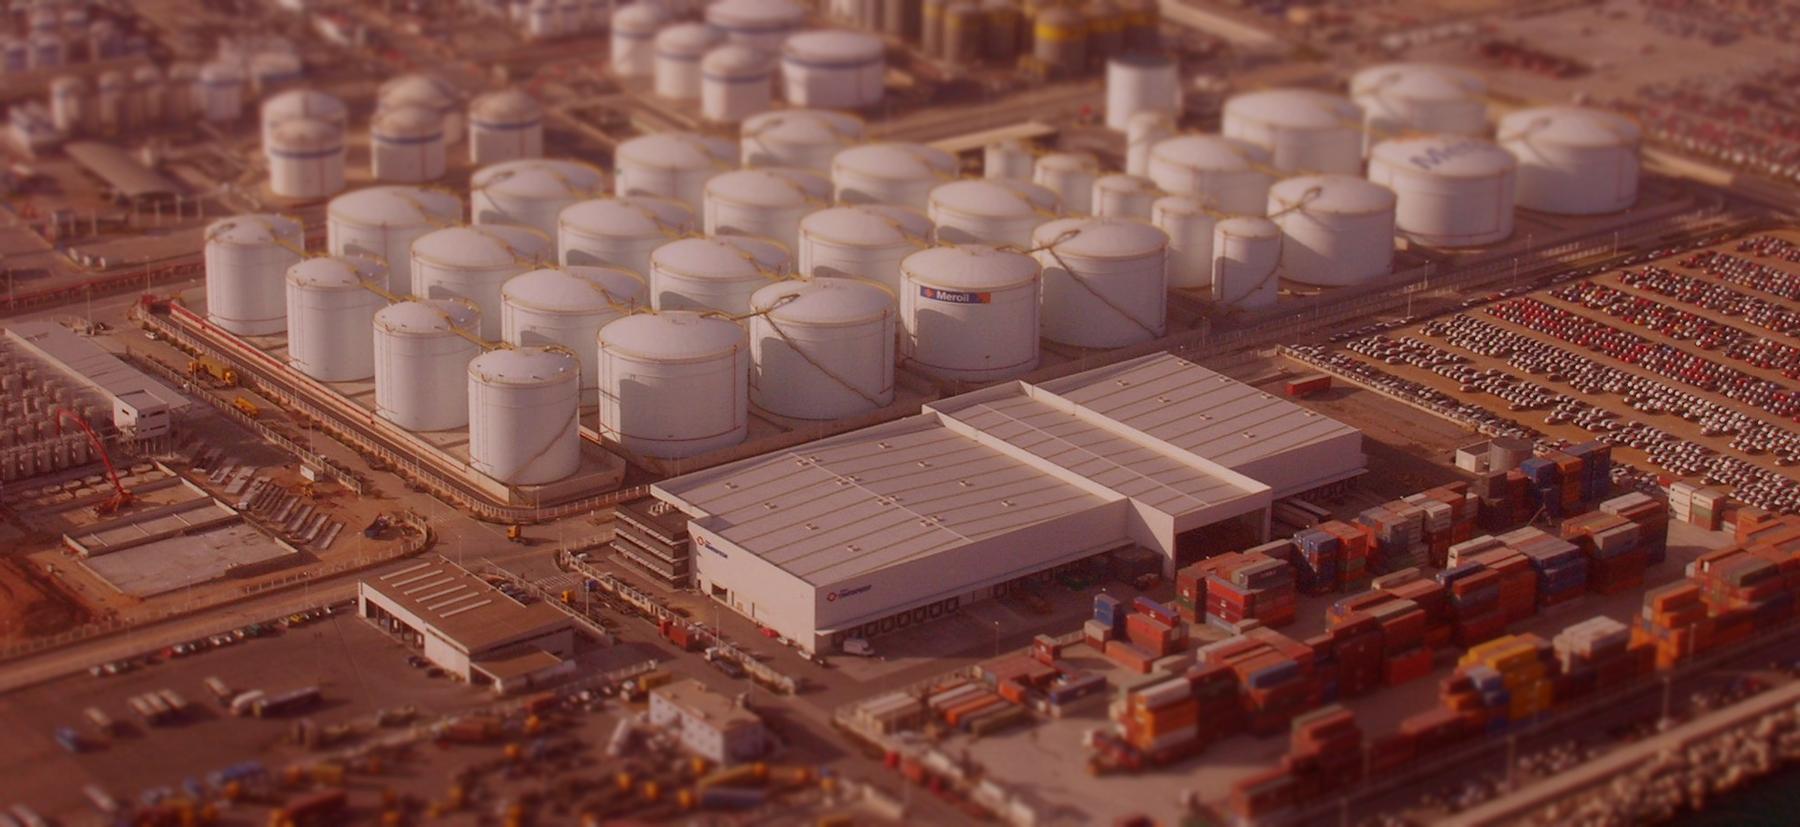 parques de tanques de almacenamiento de hidrocarburos